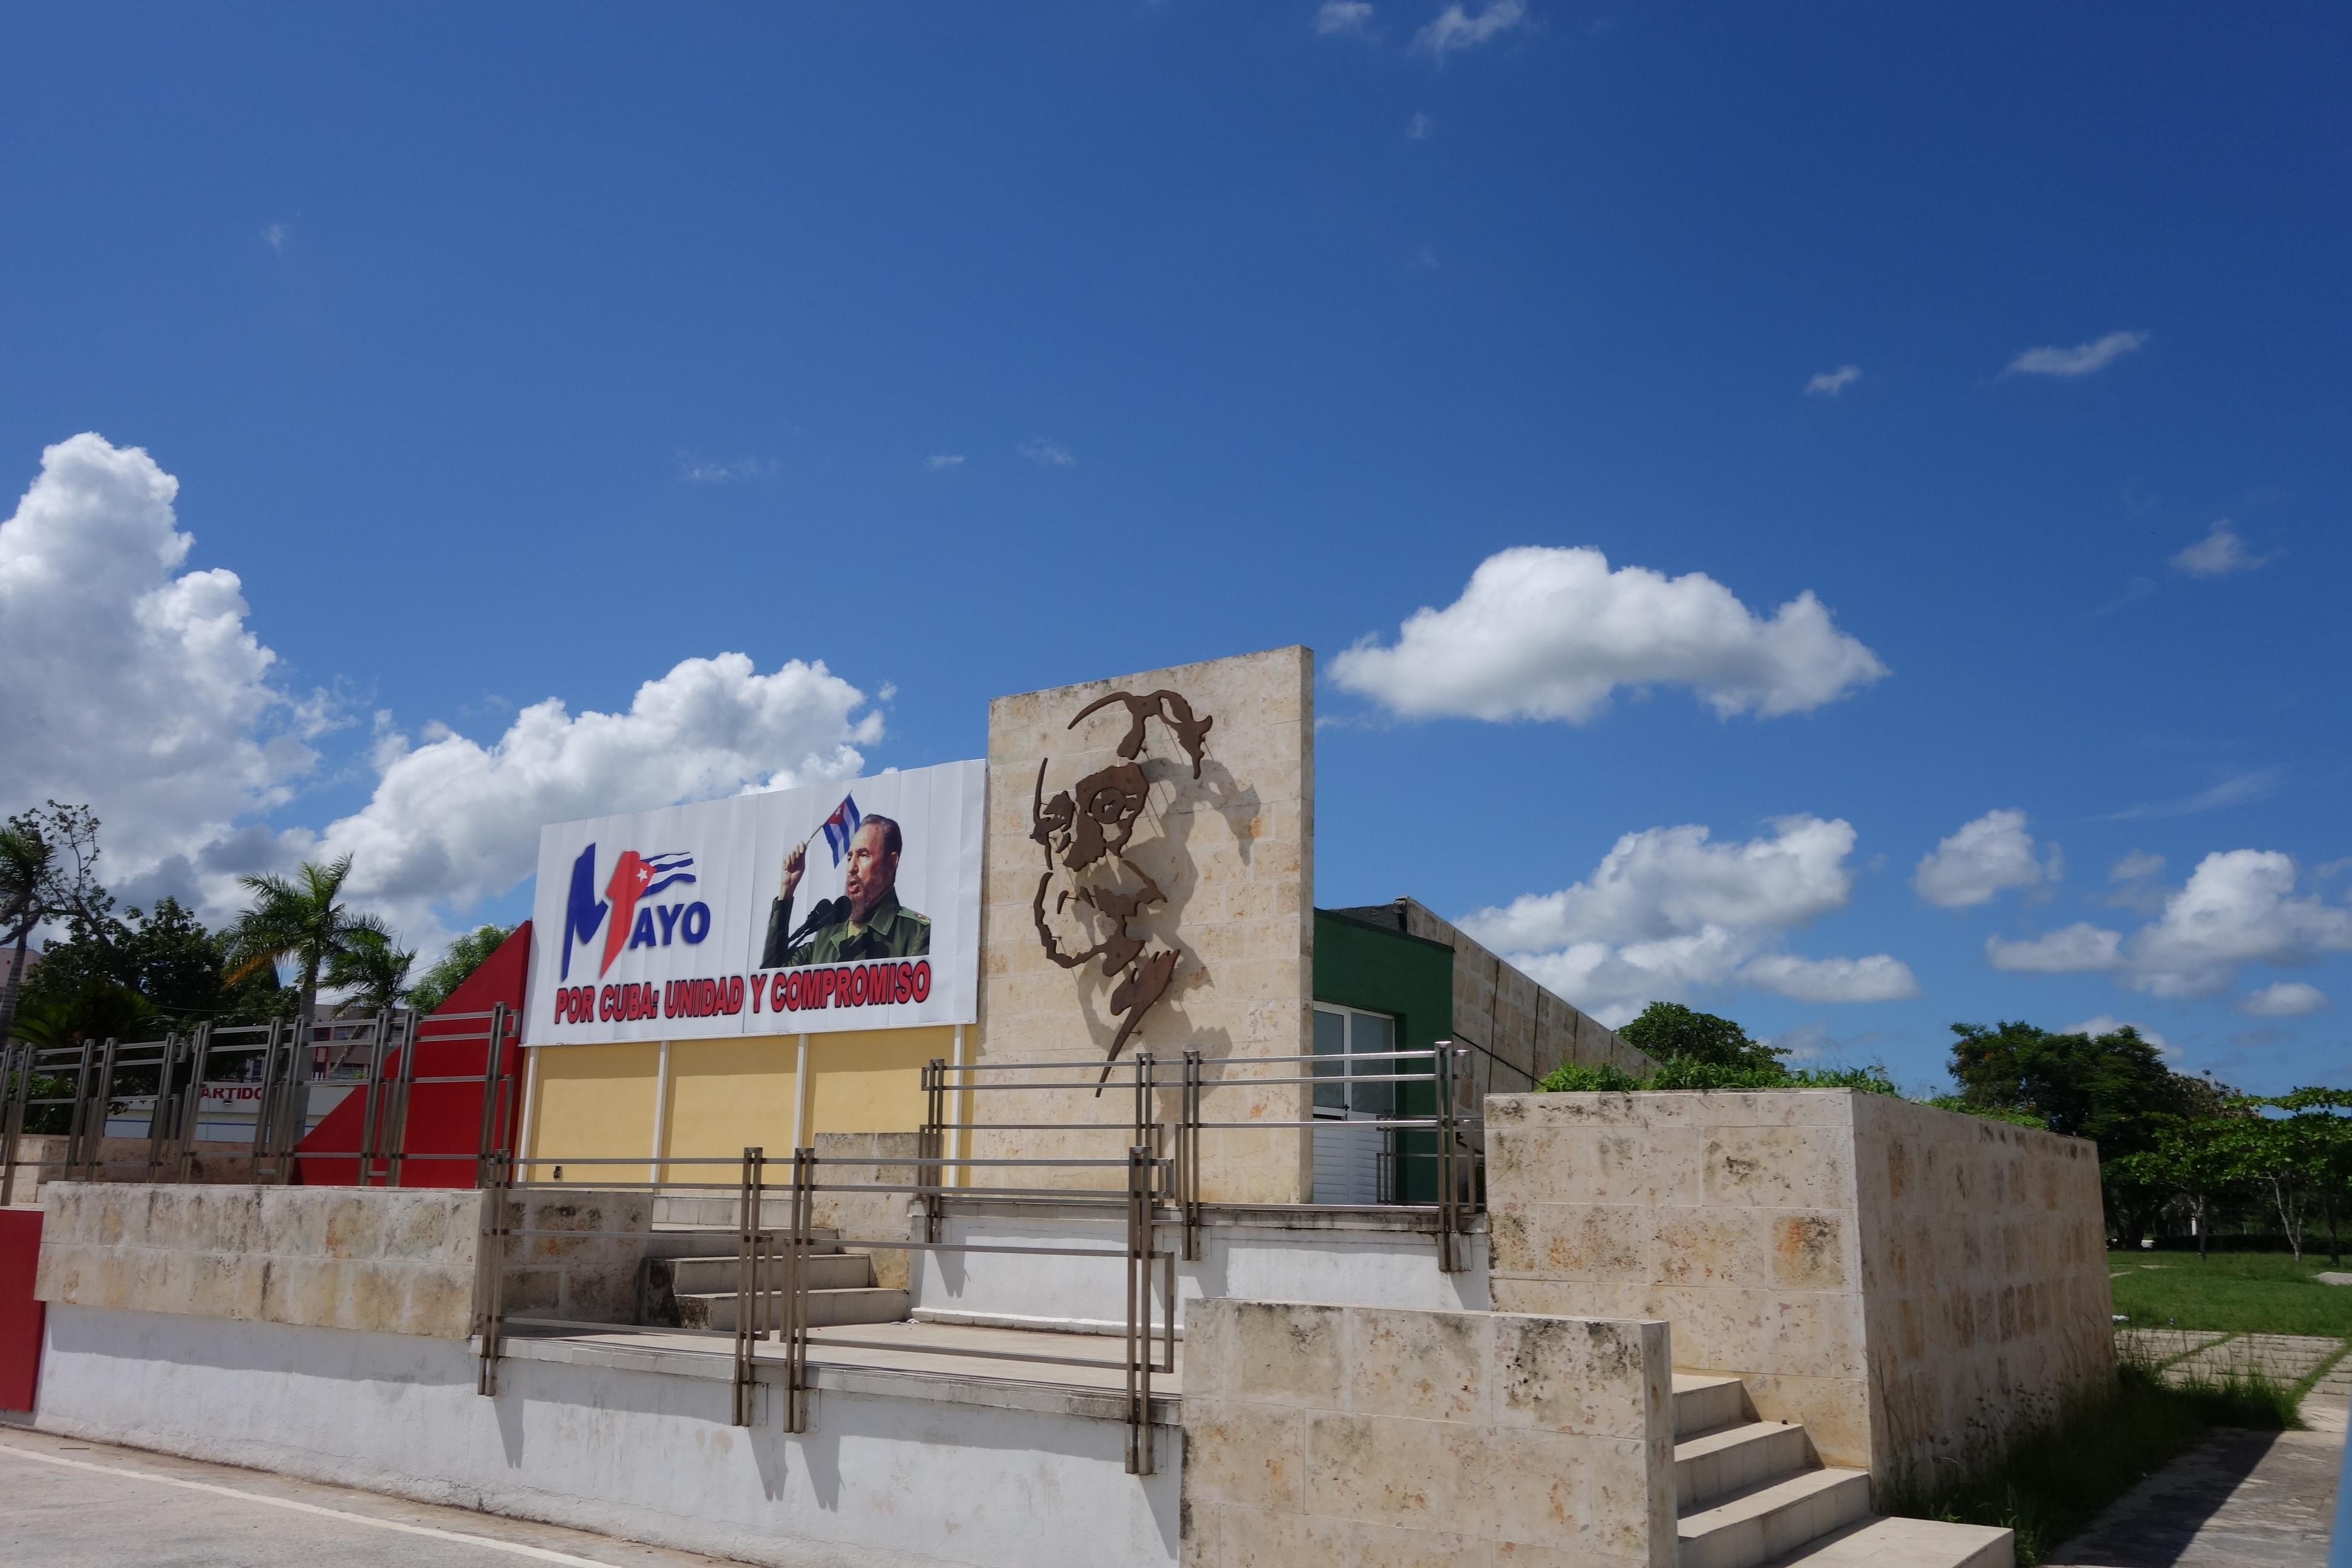 05.26 Cuba Signs